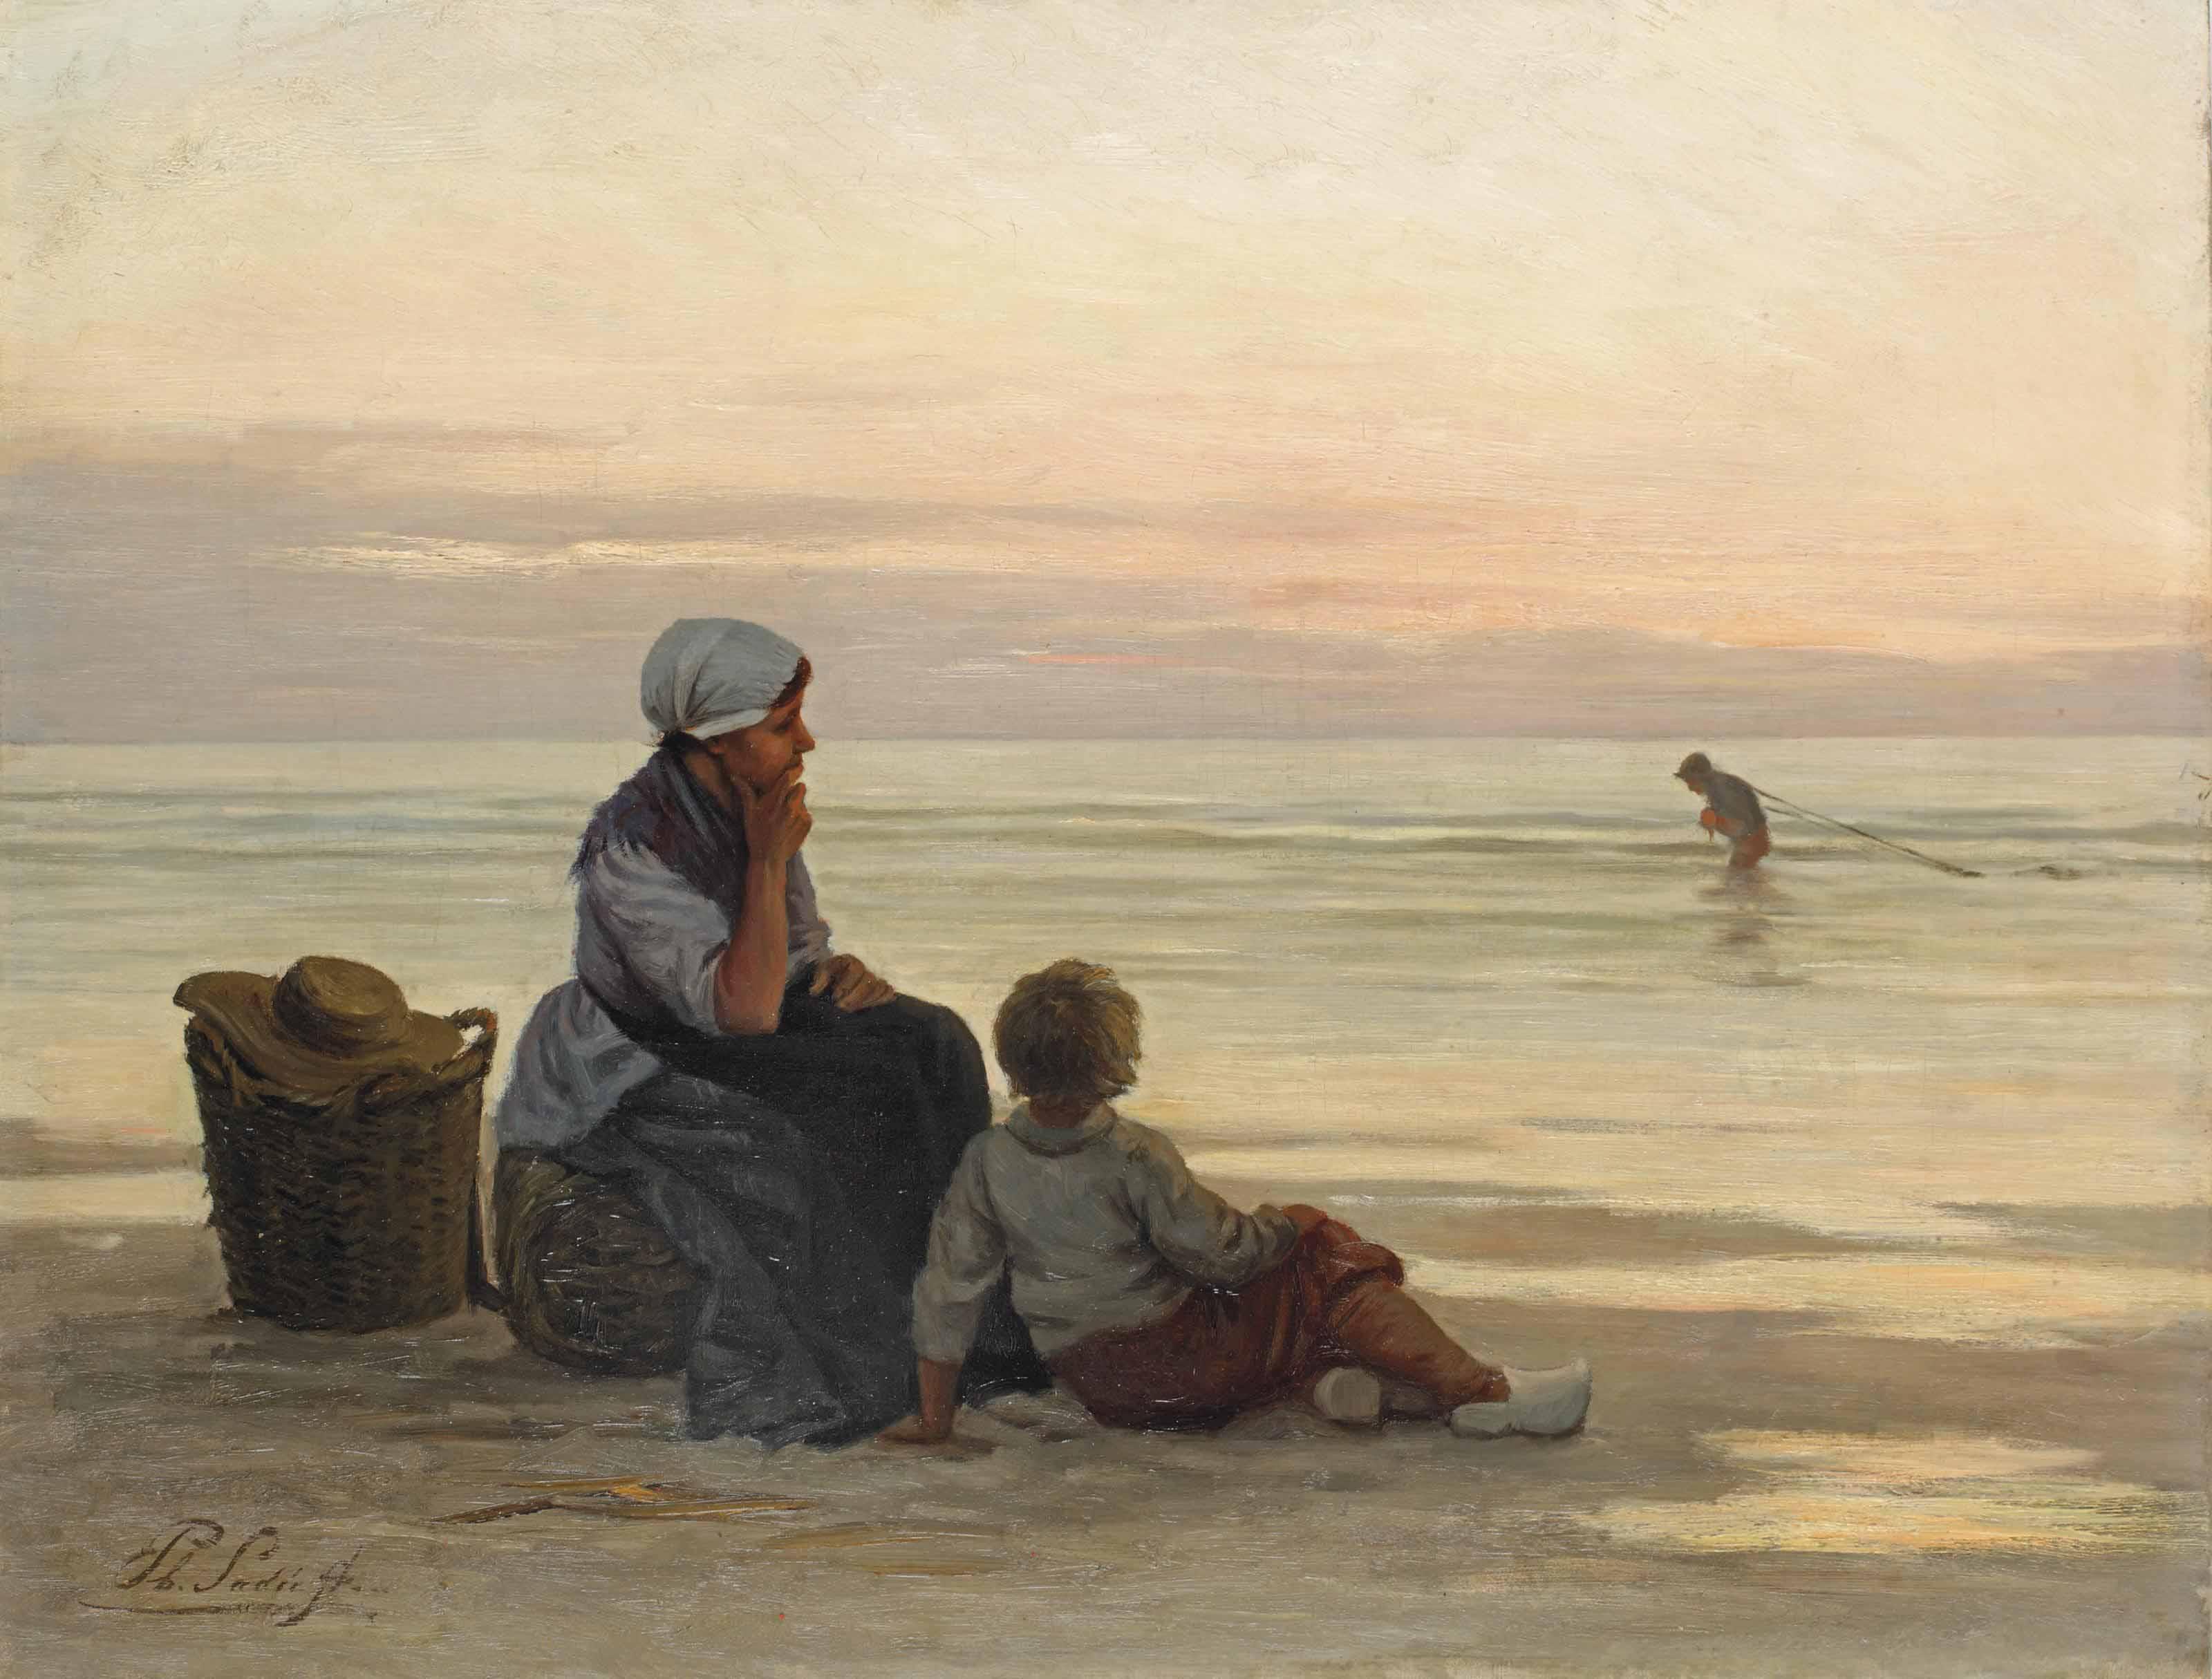 Philip Sadée (The Hague 1837-1